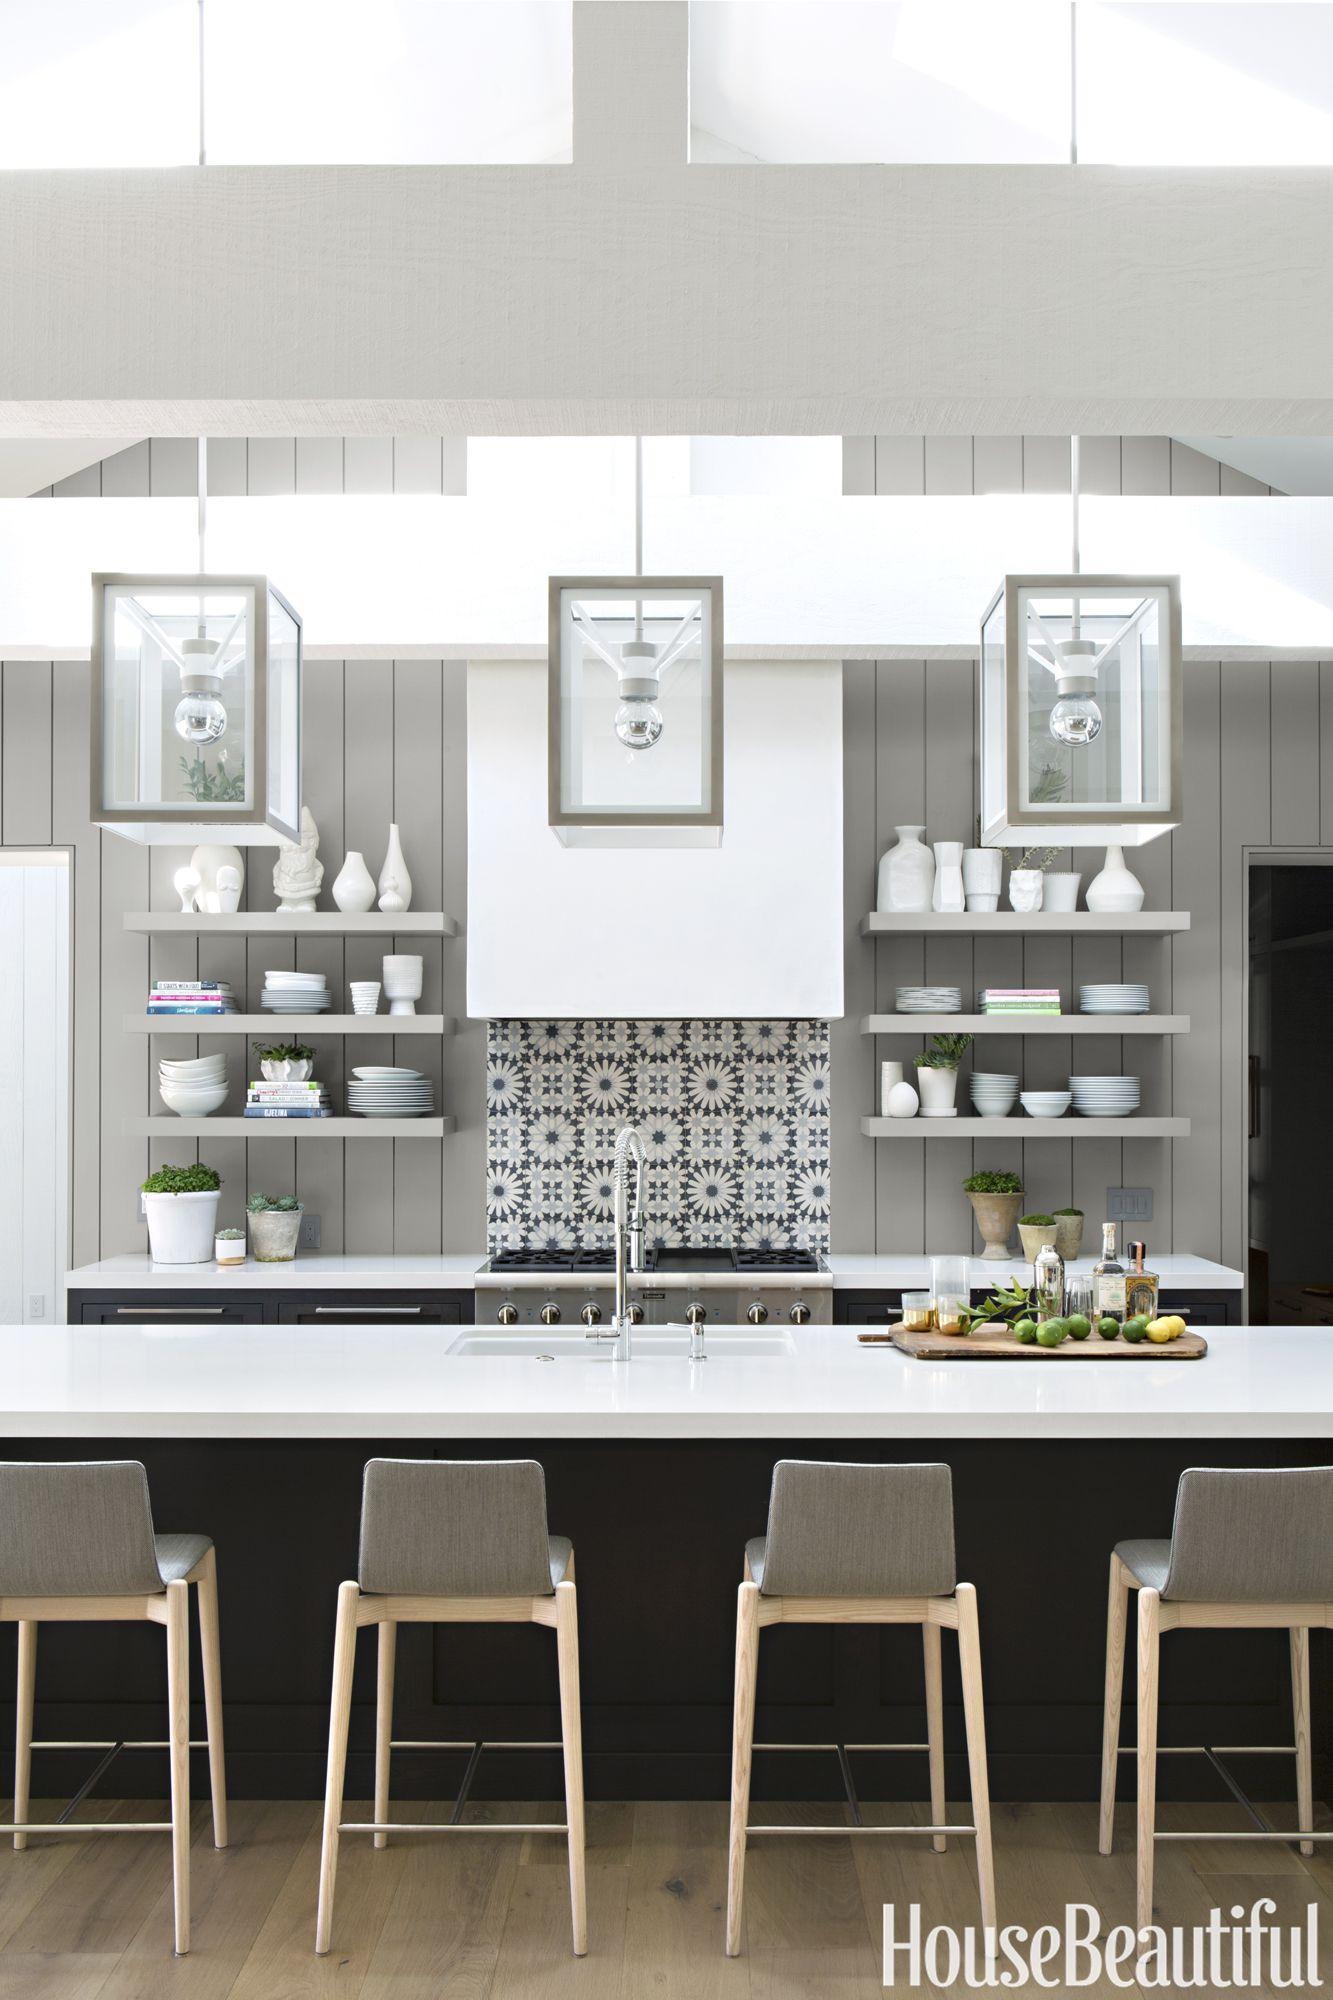 14 Best Kitchen Paint Colors - Ideas for Popular Kitchen Colors